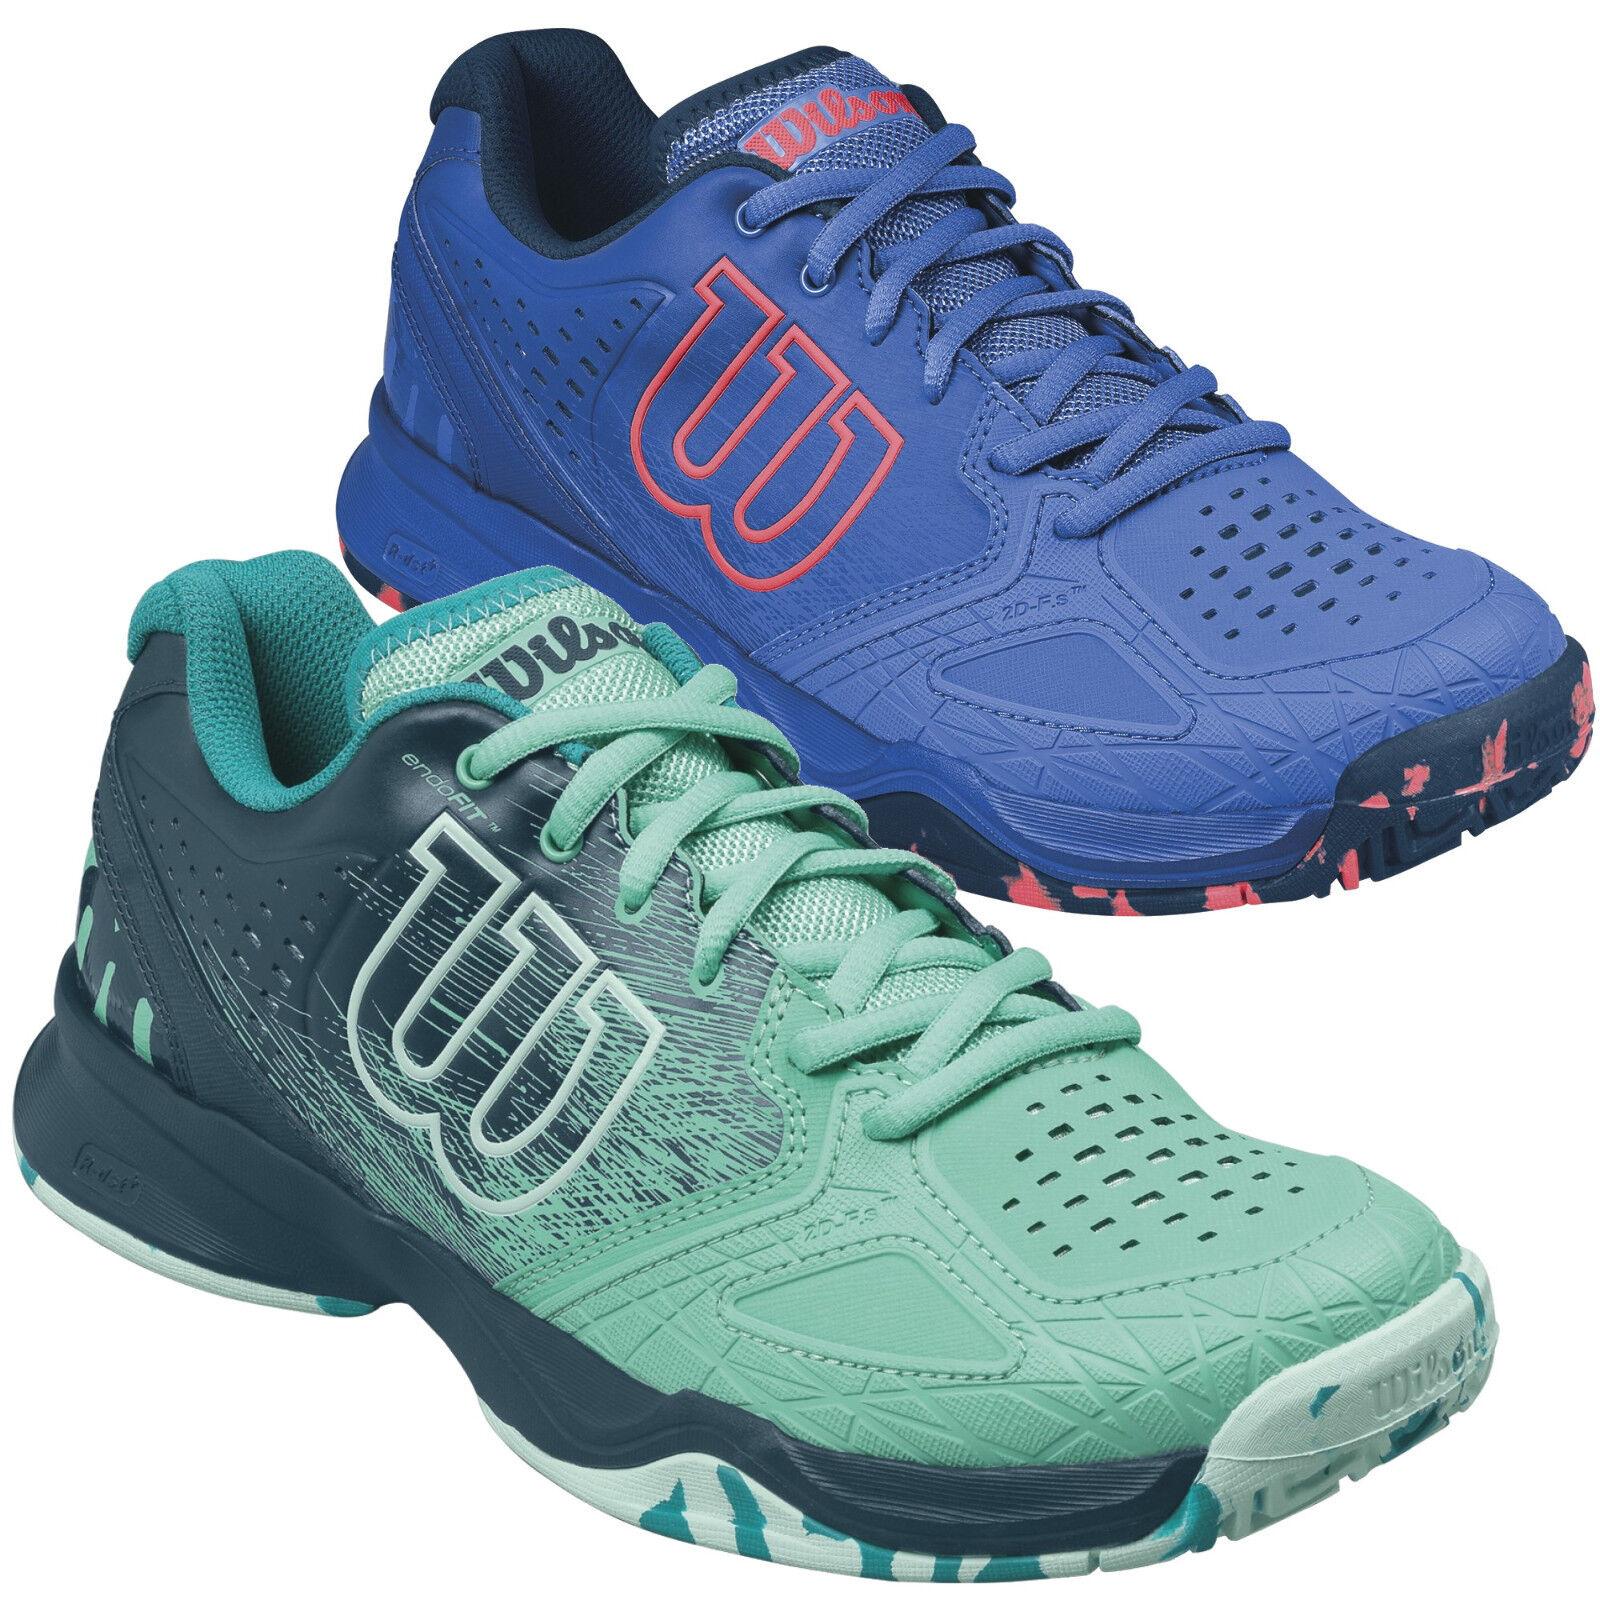 Wilson KAOS COMPOSITE Damen Tennisschuhe Outdoor WRS32450 WRS322460 blau türkis